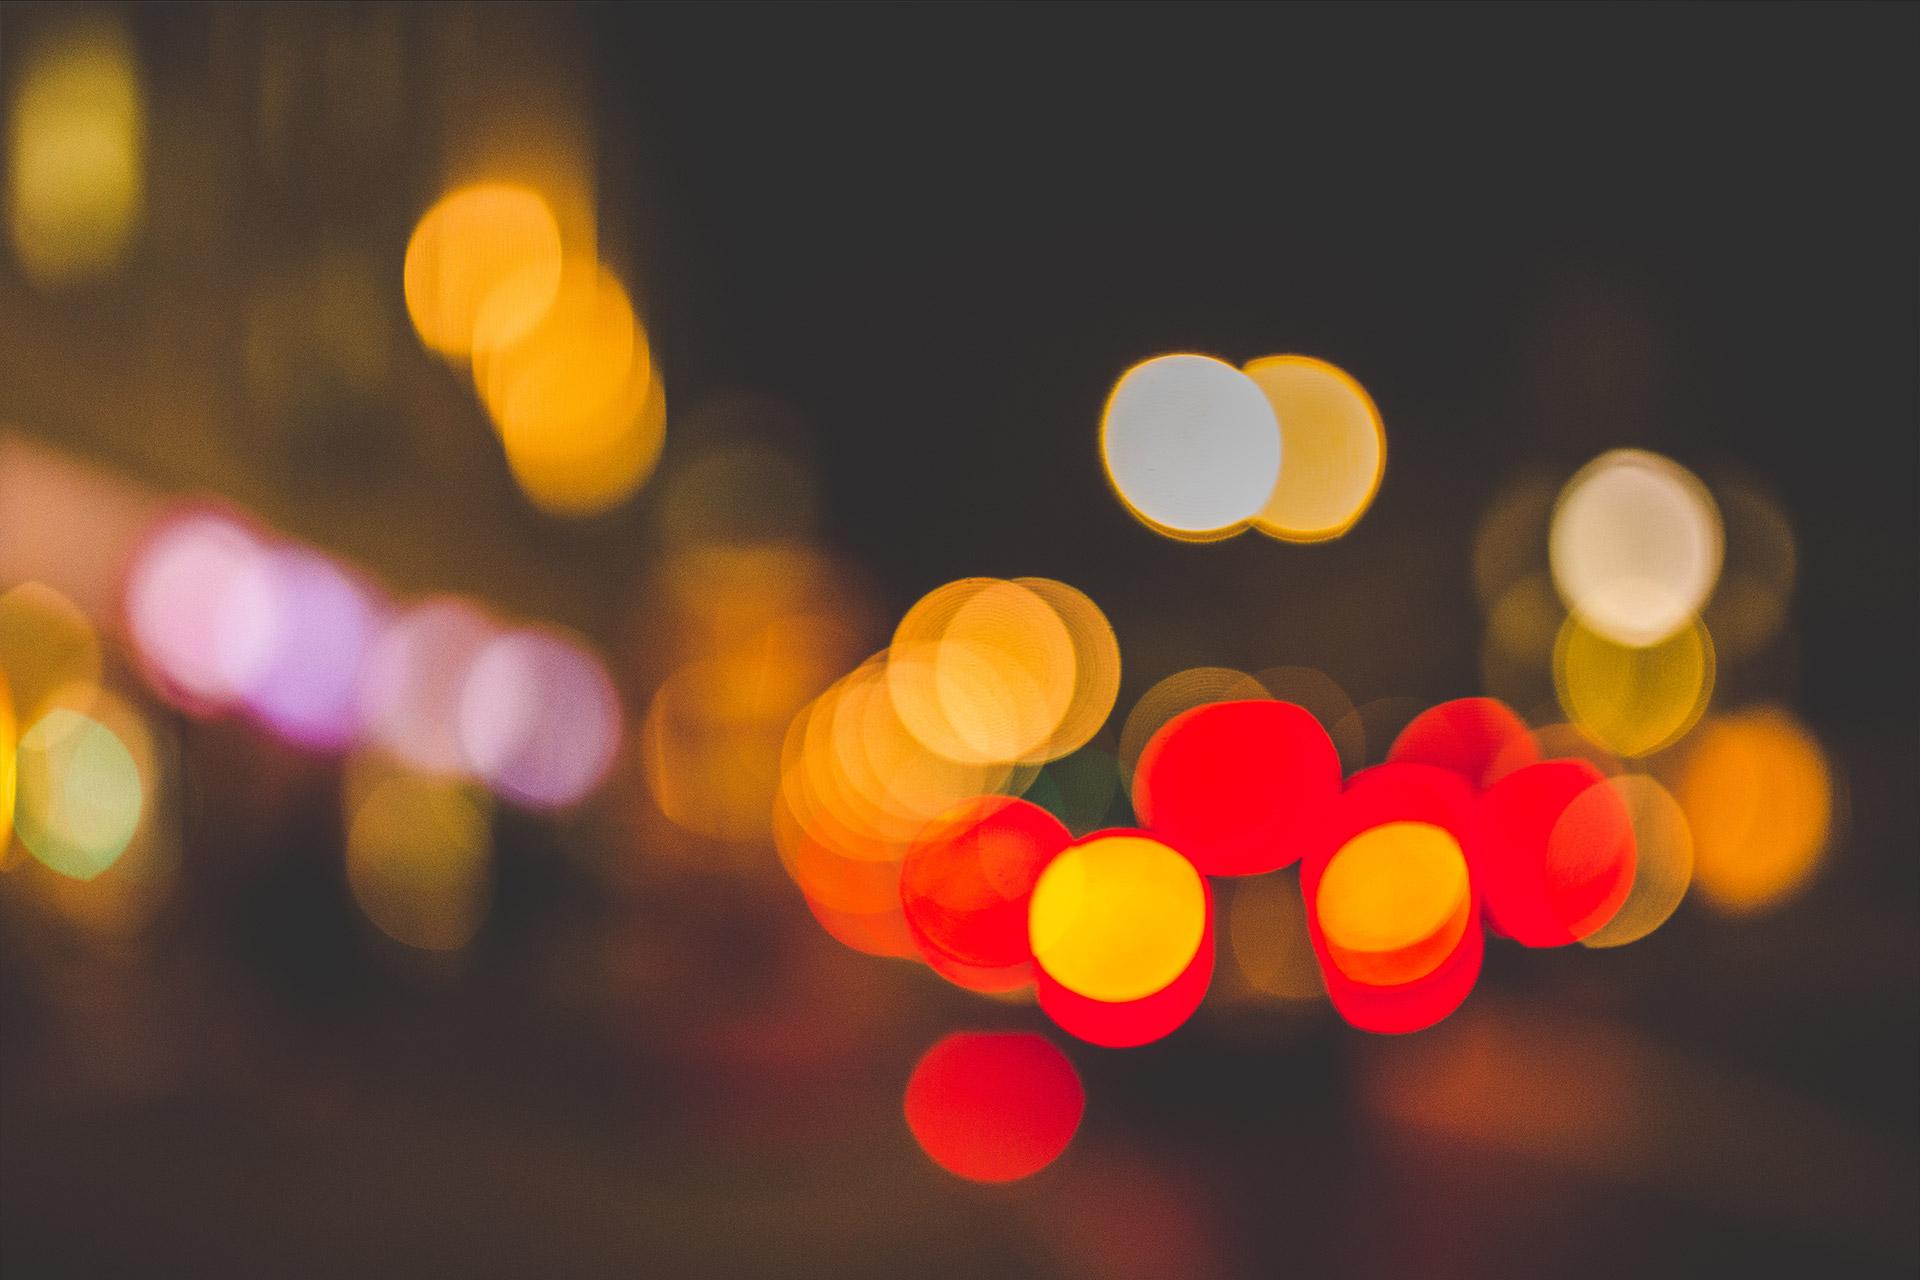 luci-sfocate